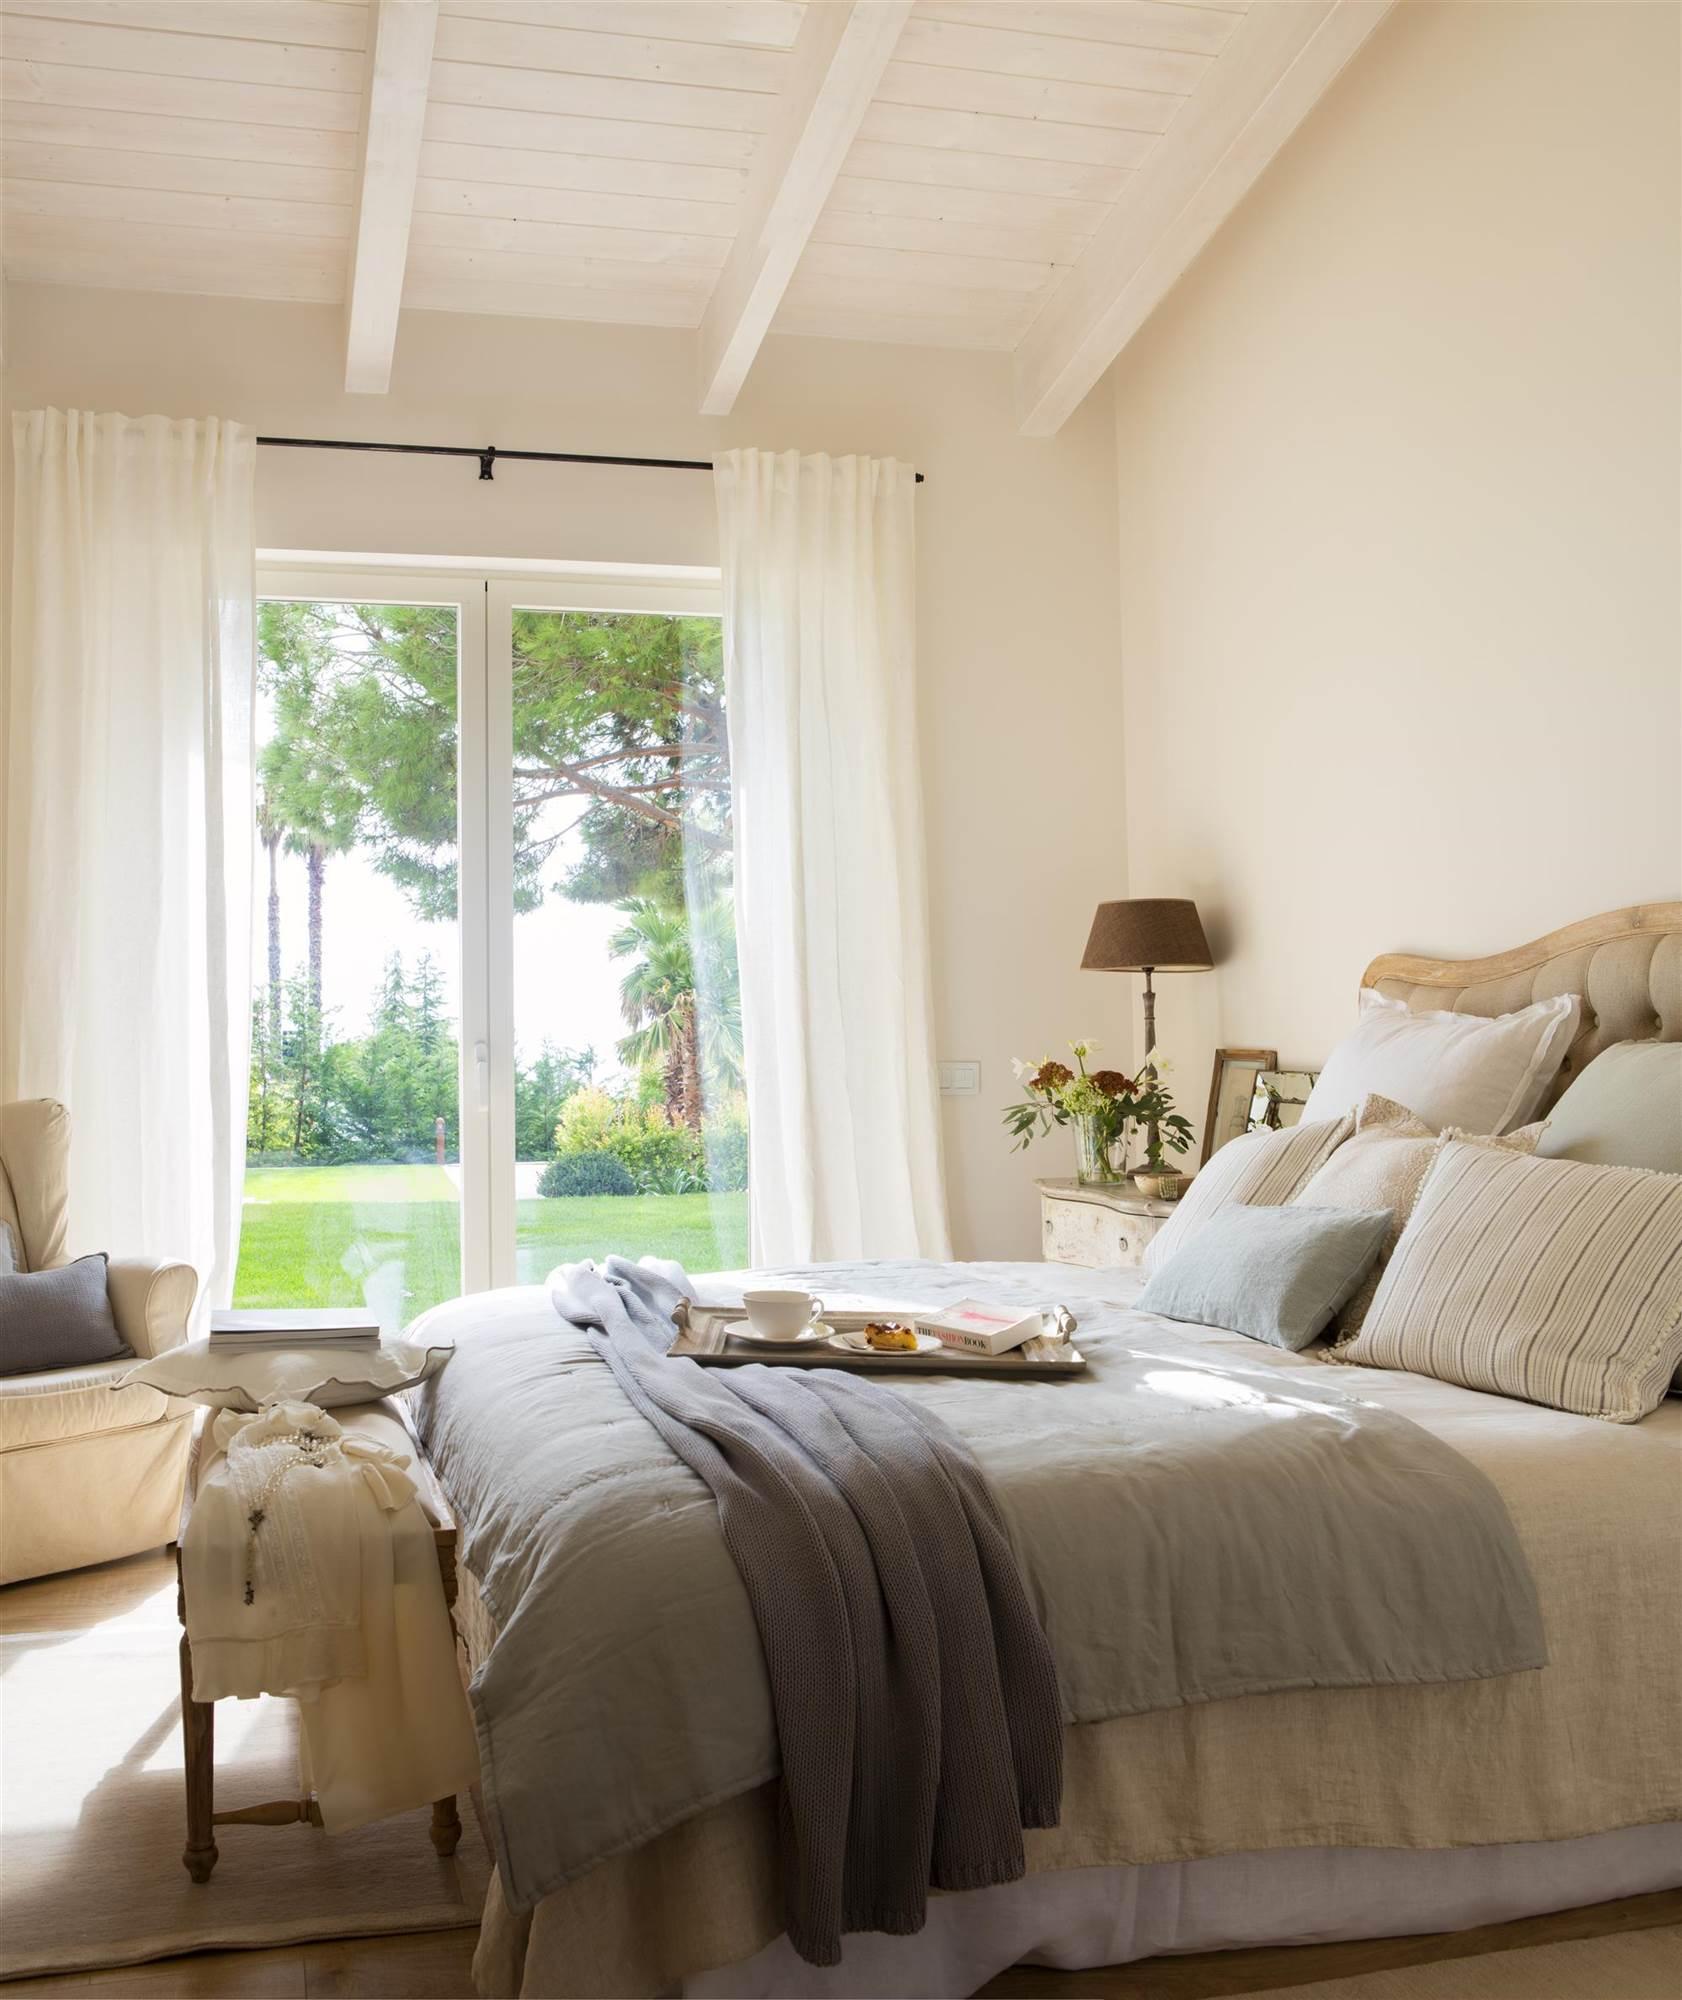 Secretos de alcoba el desayuno en la cama for Dormitorio principal m6 deco